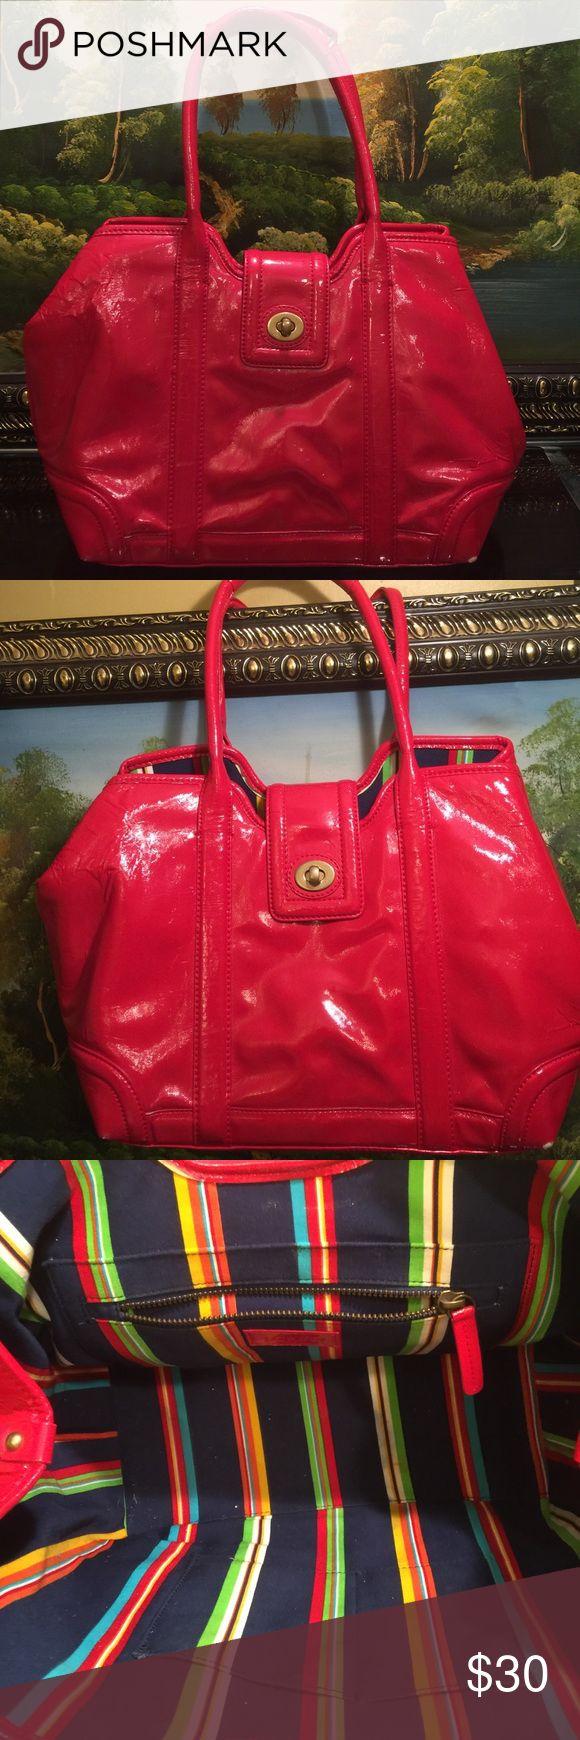 J CREW HAND BAG Beautiful J CREW TOTE bags J CREW Bags Totes